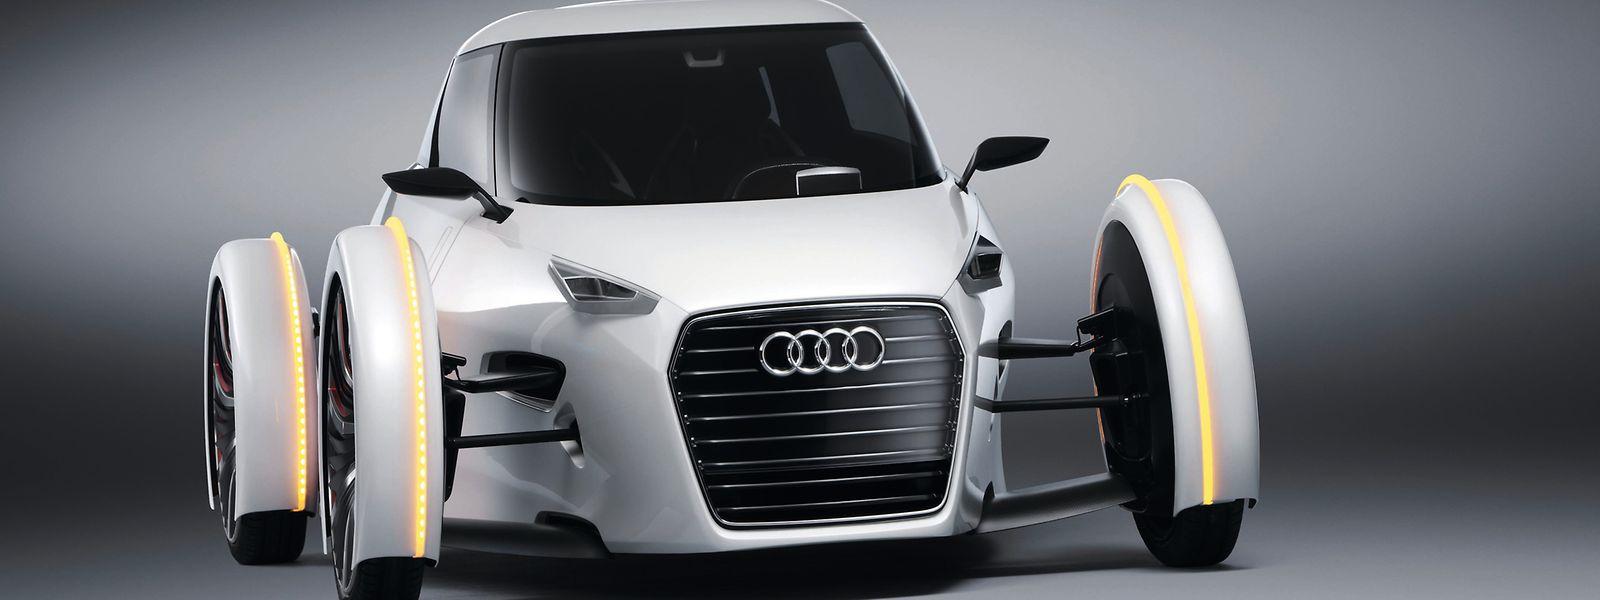 Schaut diese futuristische zweisitzige Audi-Studie (Urban Concept) von 2011 mit ihren Kotflügeln nicht auch ein wenig nostalgisch aus?